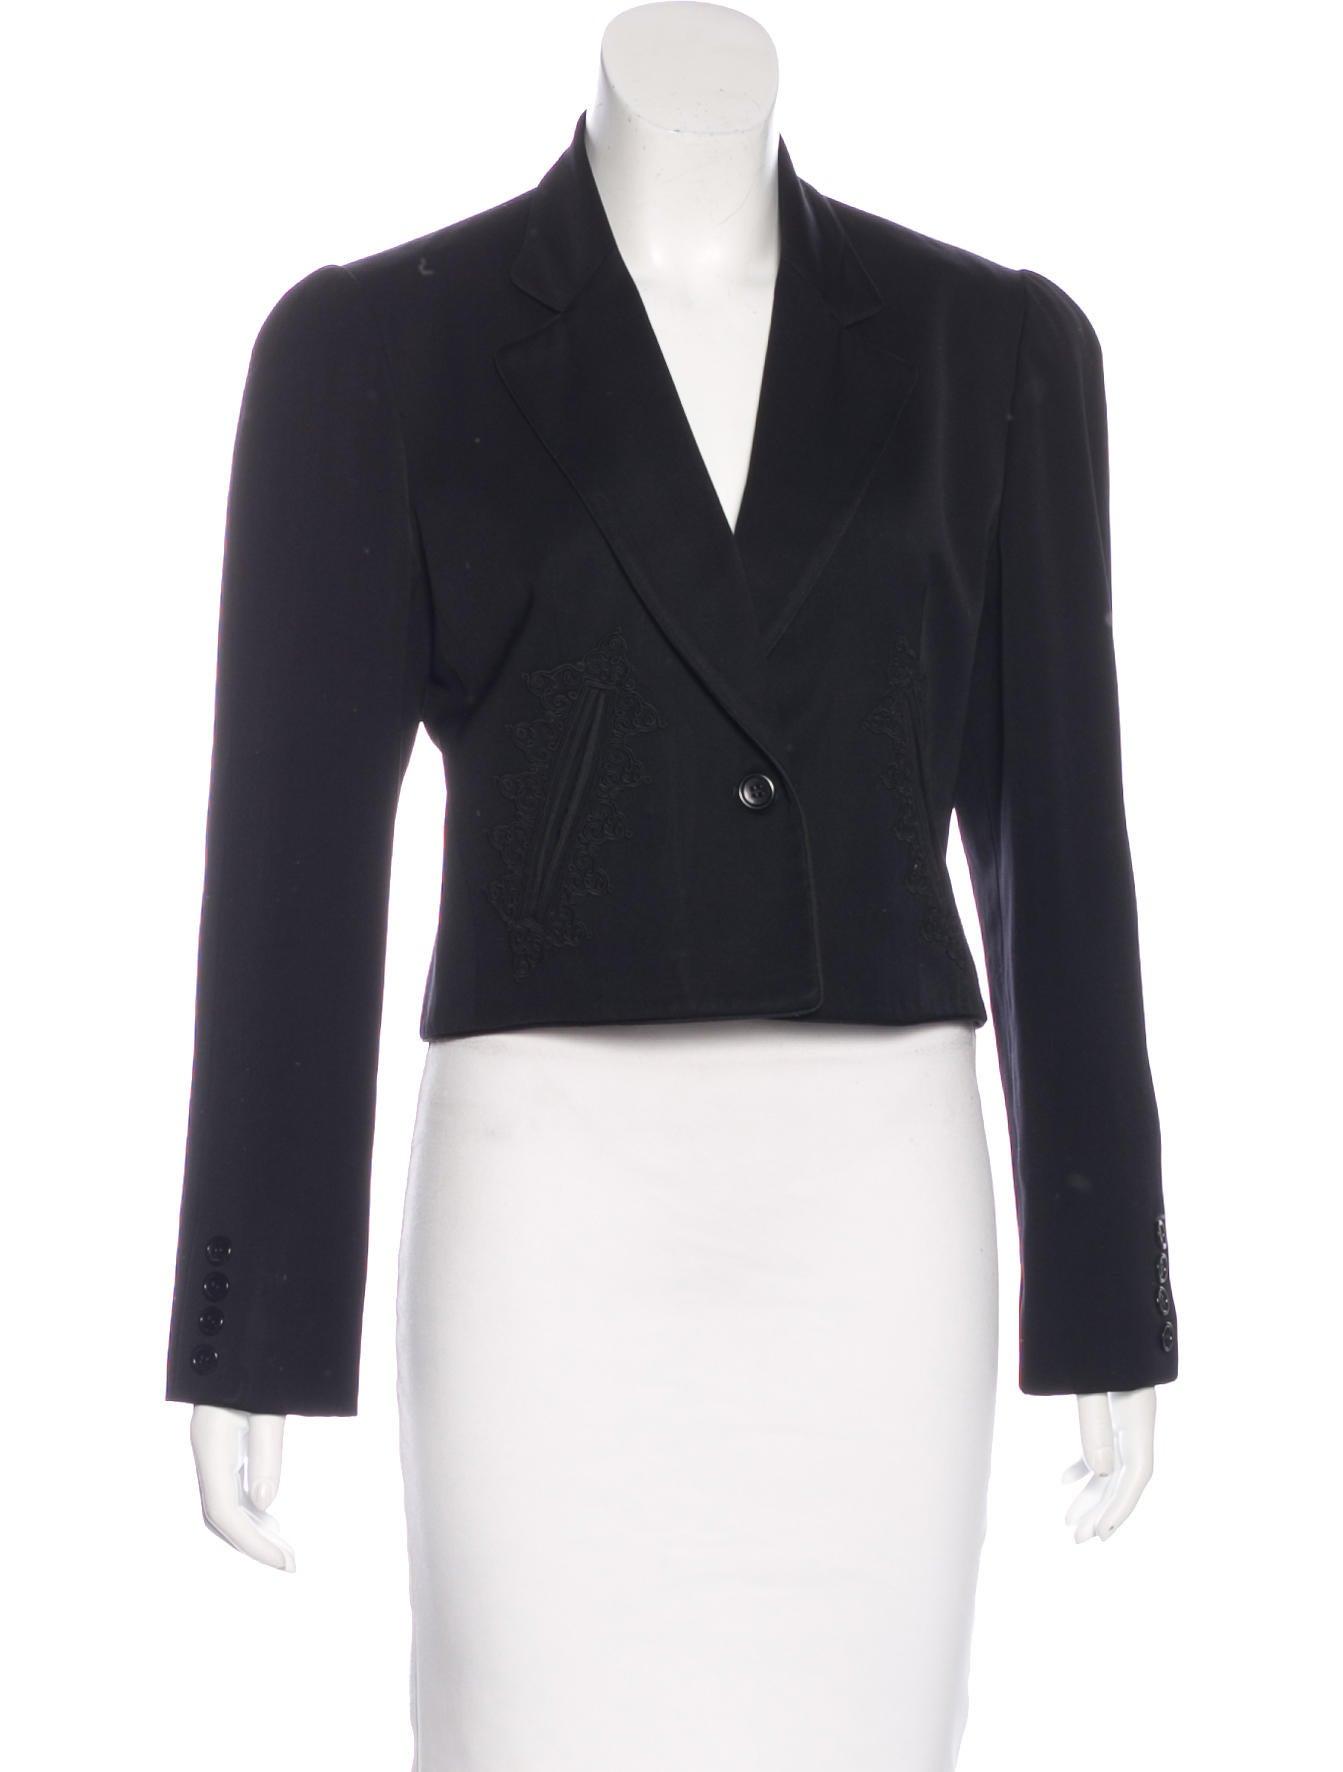 Oscar de la renta vintage embroidered blazer clothing